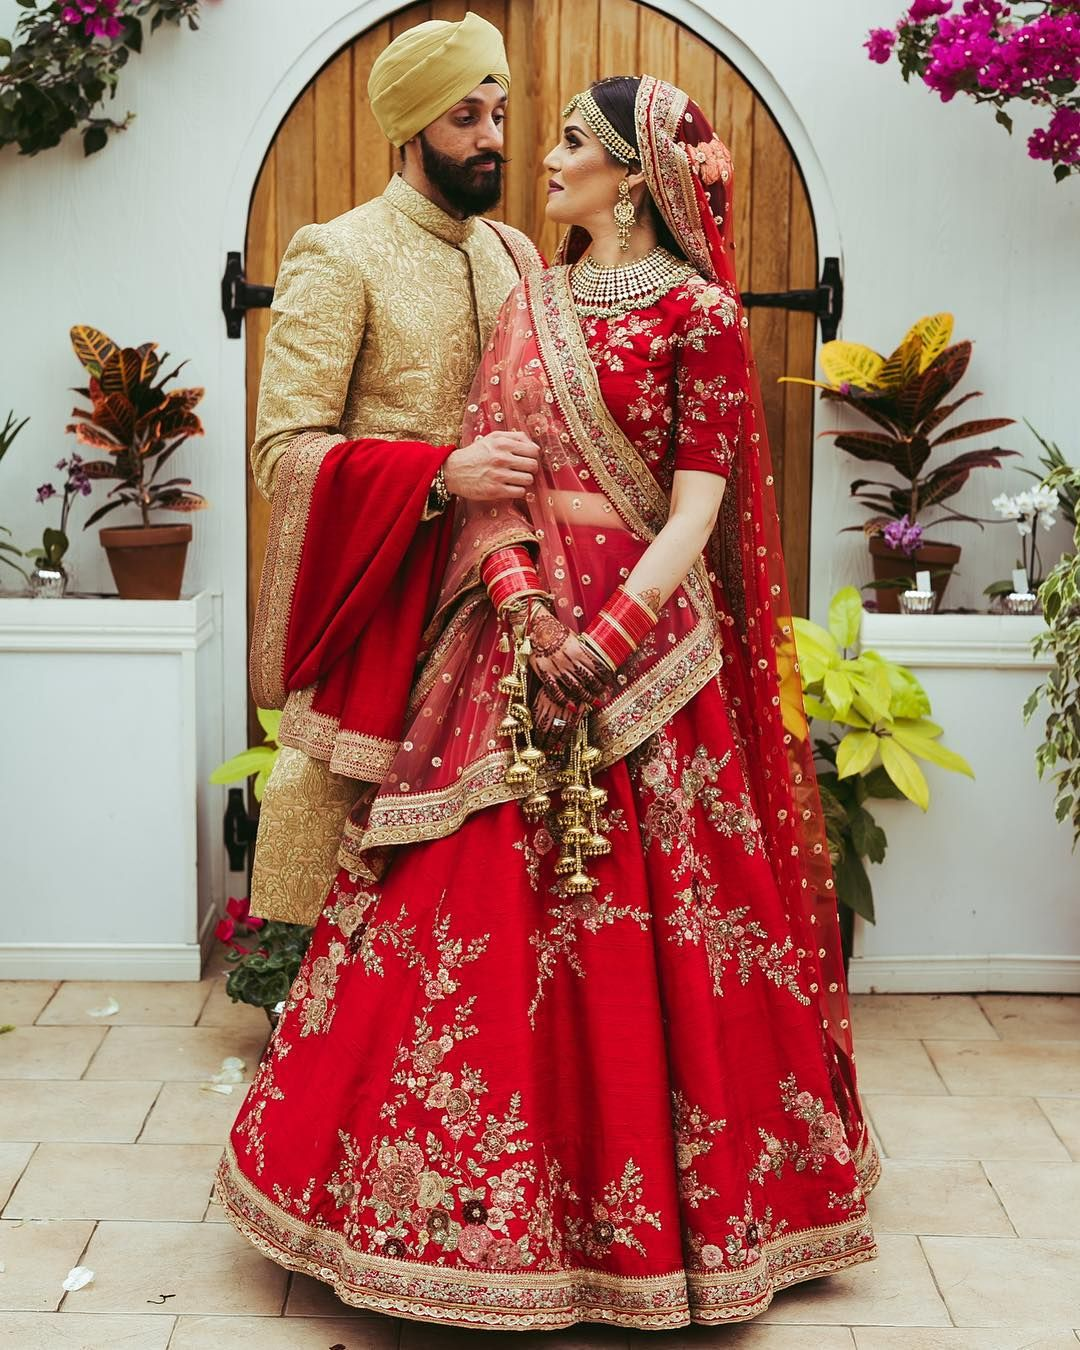 Weddinginspiration Wedding Bridal Indianwedding Weddingideas Sabyasachi Indianbride Bridal Lehenga Red Indian Bridal Outfits Indian Wedding Outfits [ 1350 x 1080 Pixel ]